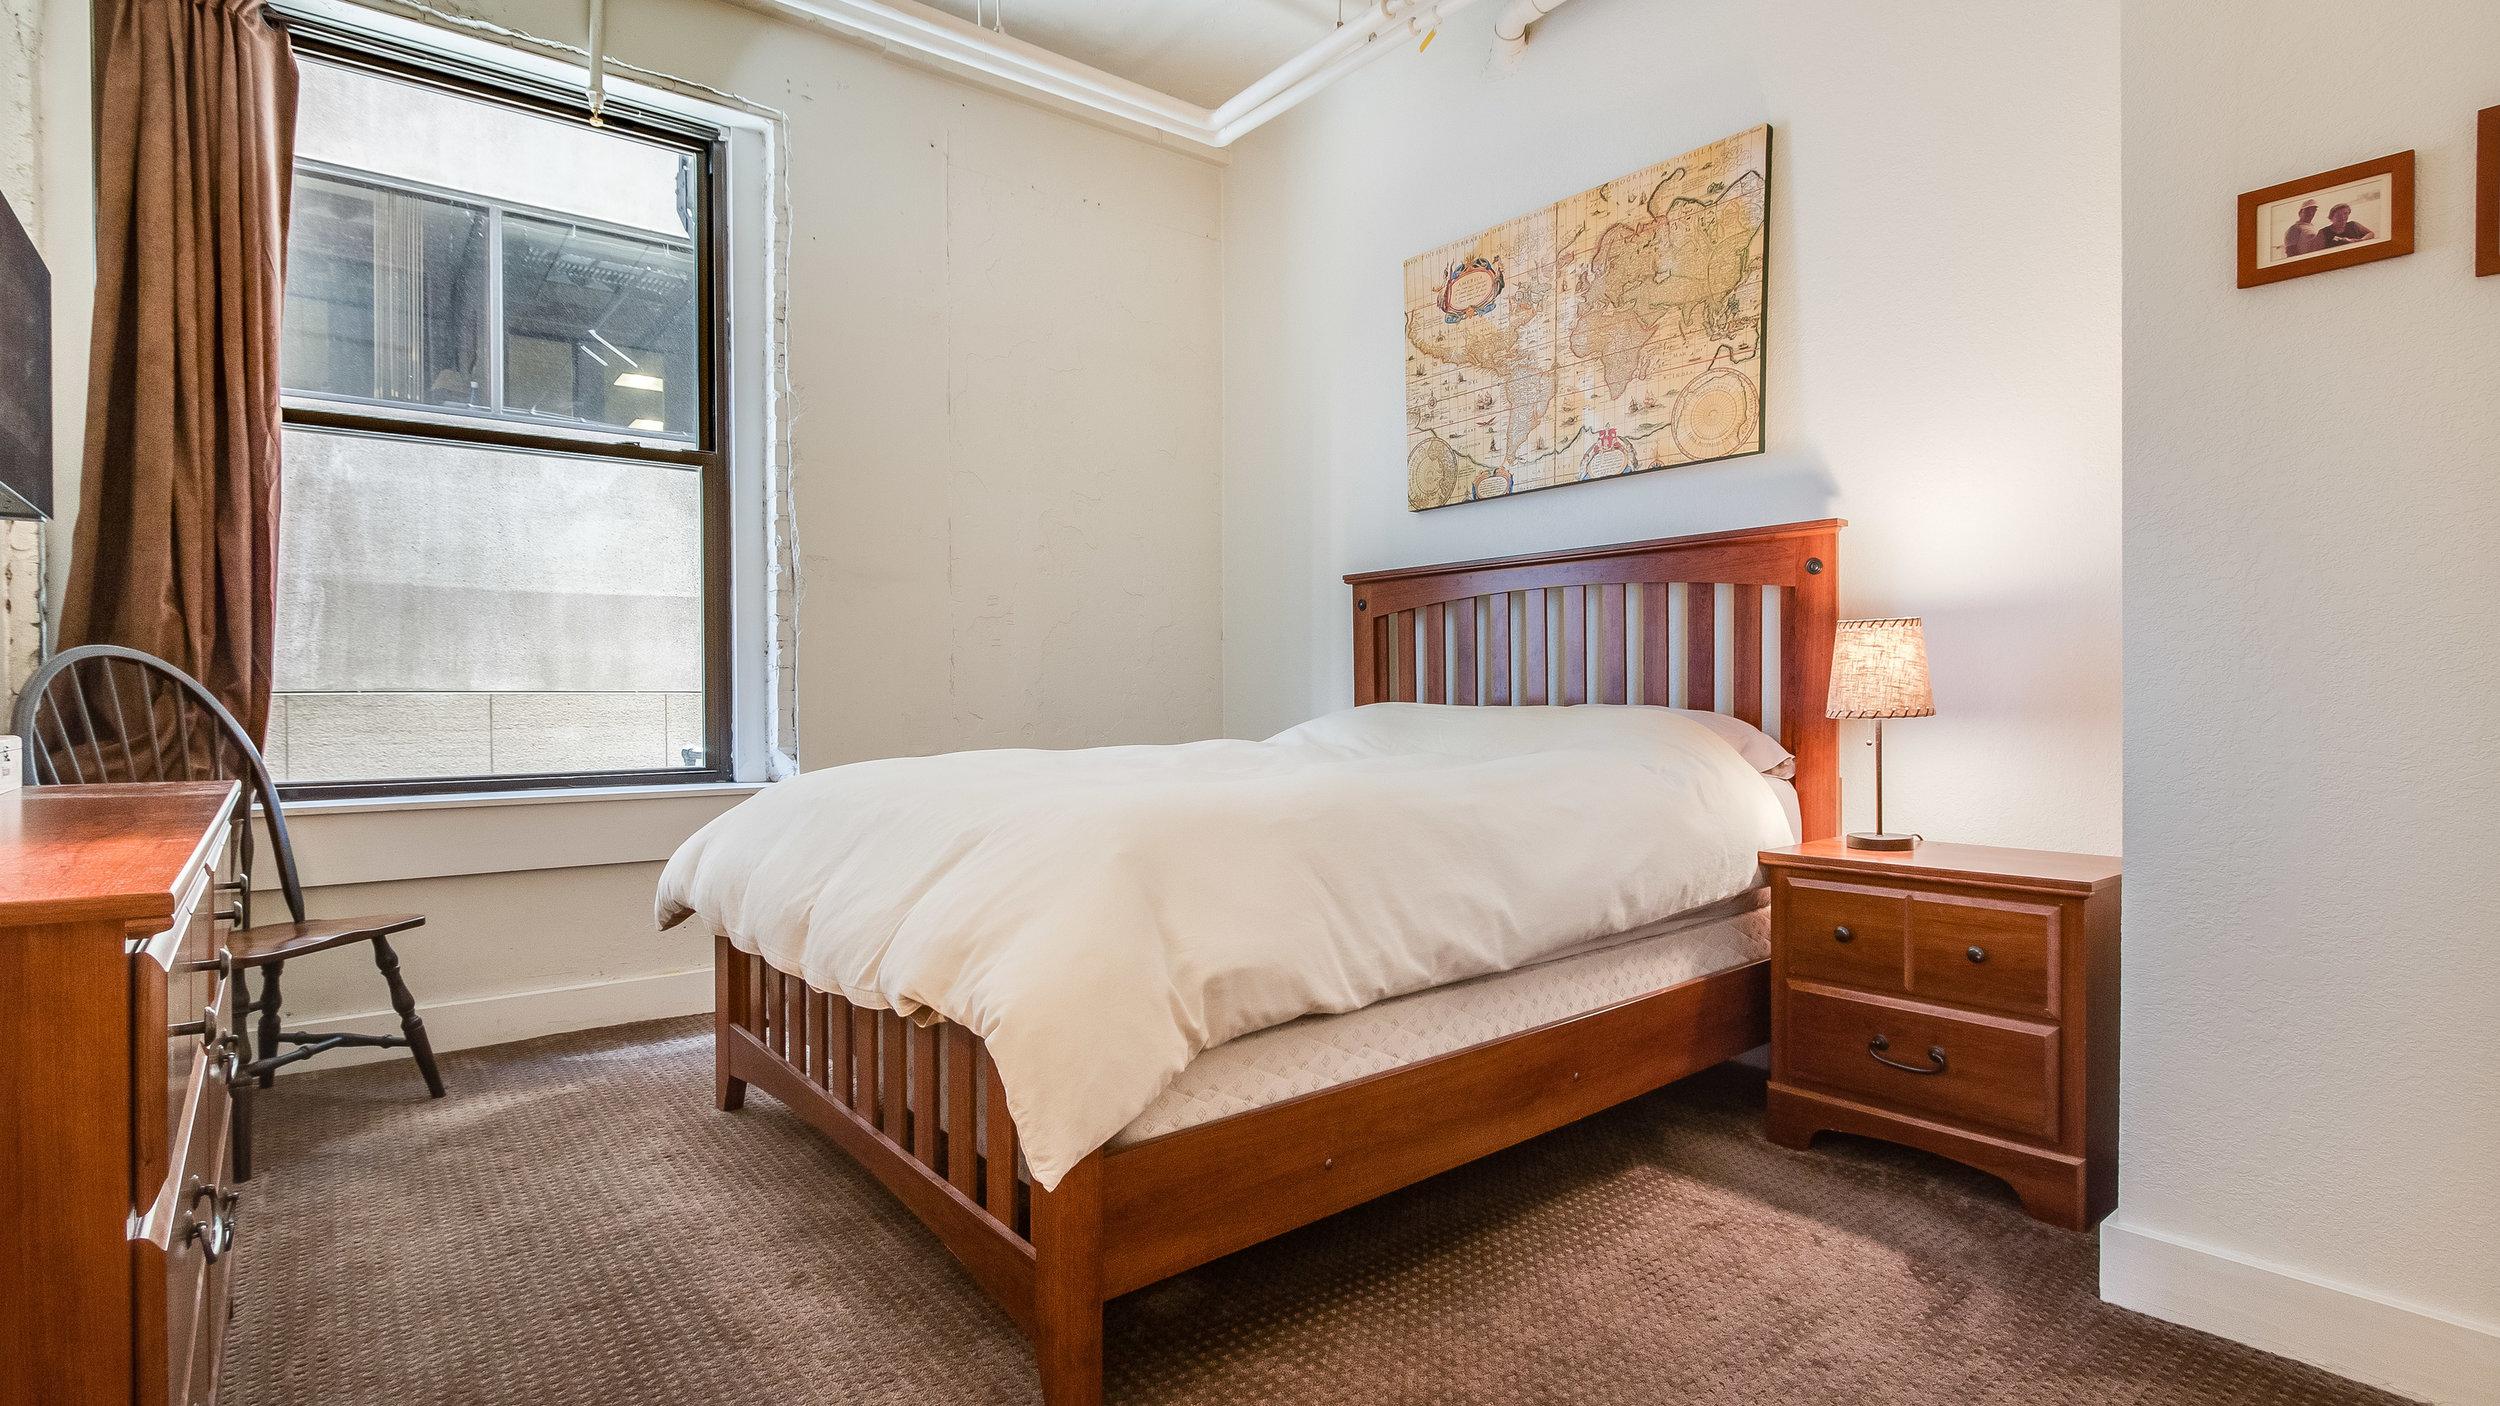 13 44417th206 Bedroom 1 (12).jpg